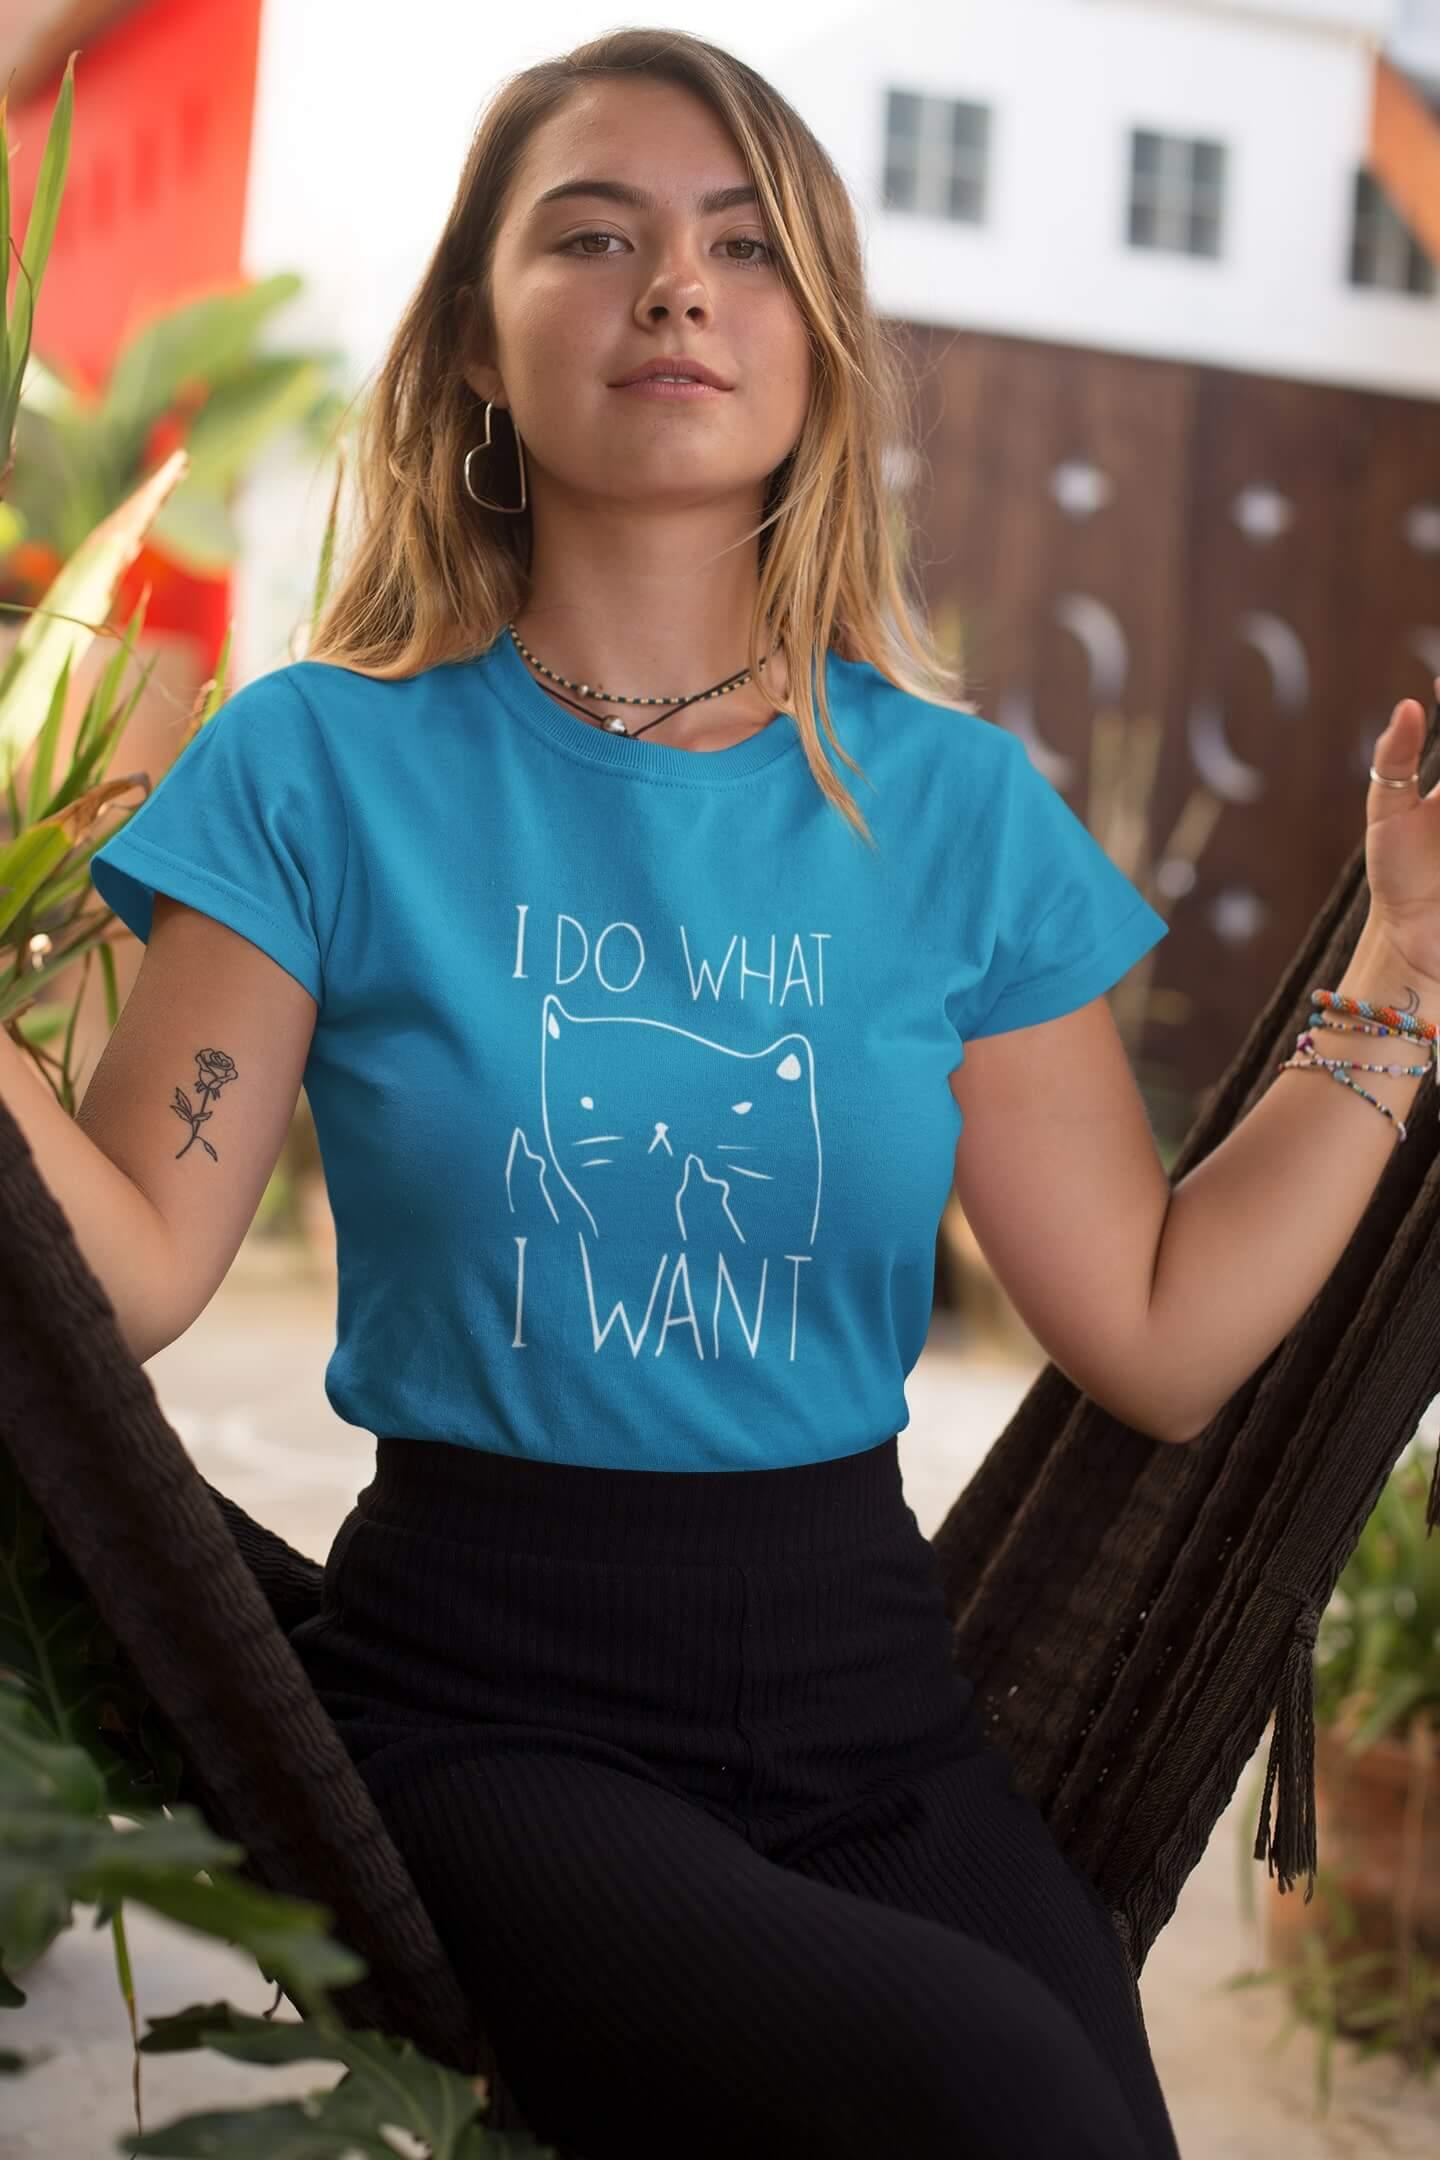 MMO Dámske tričko I DO WHAT I WANT Vyberte farbu: Tyrkysová, Vyberte veľkosť: M